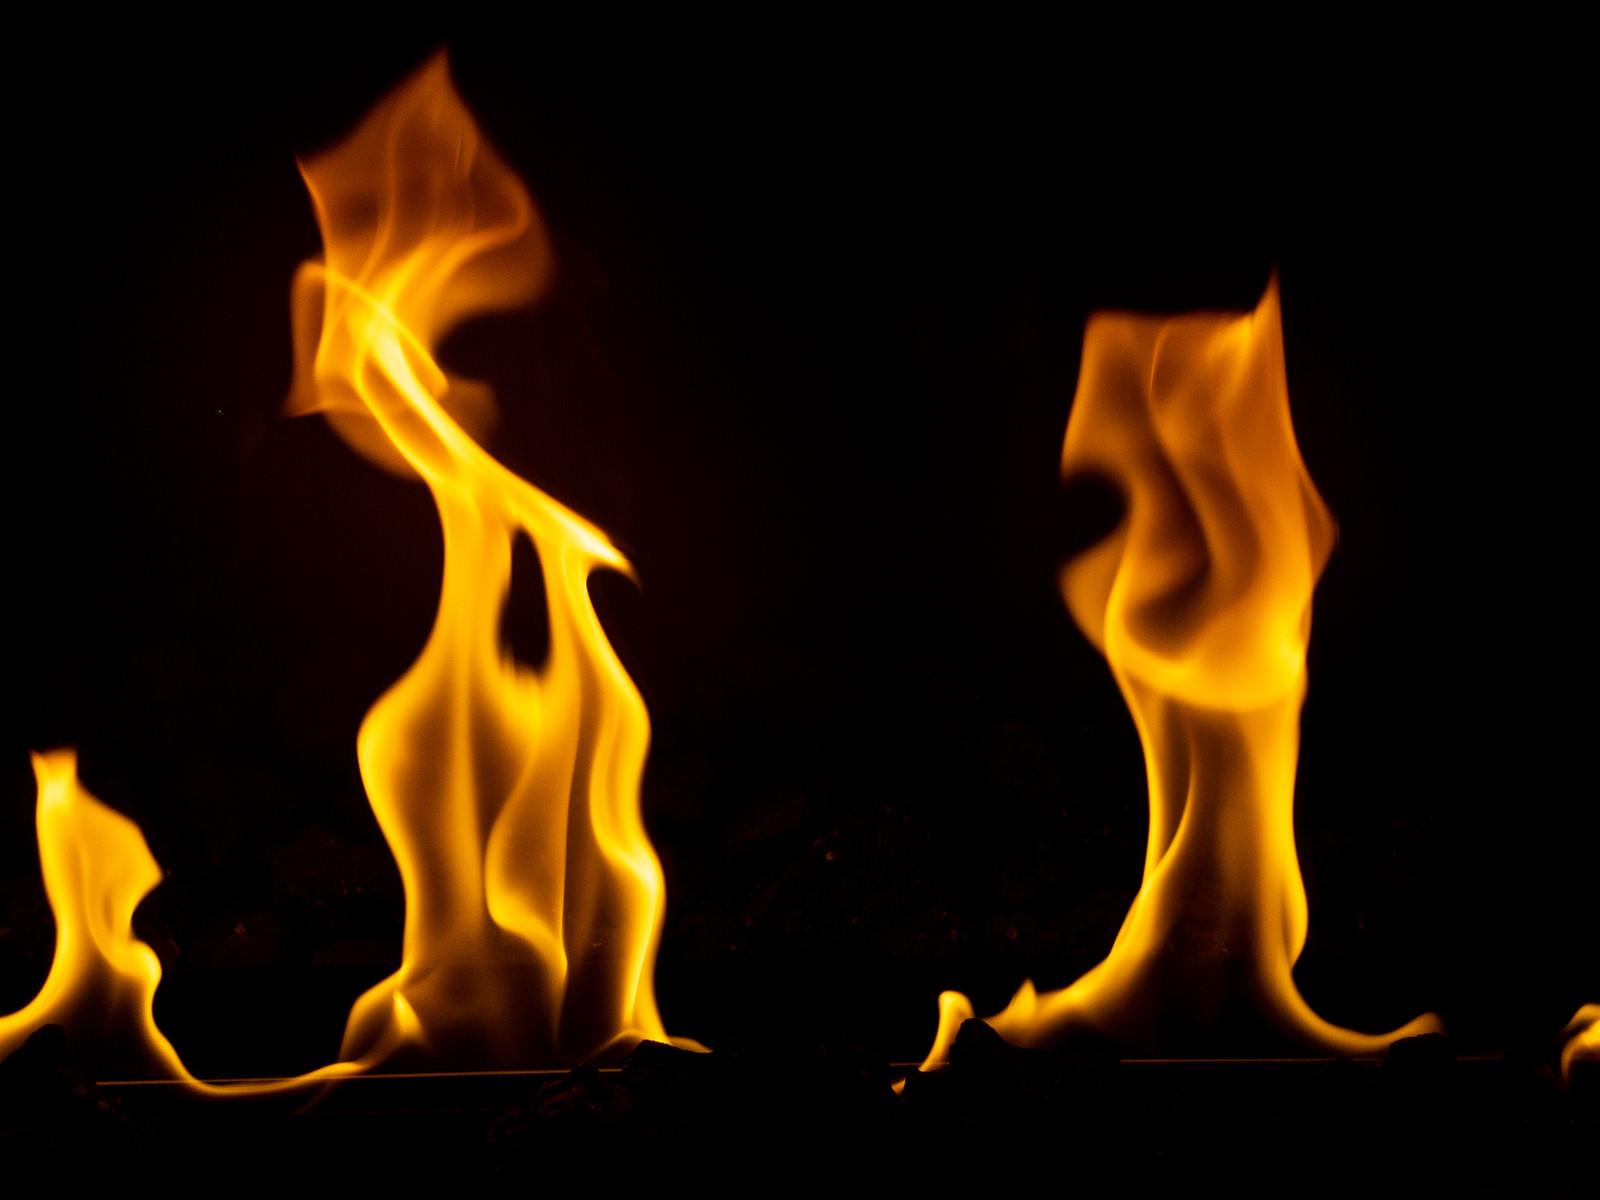 「メラメラと燃え上がる様子」の写真